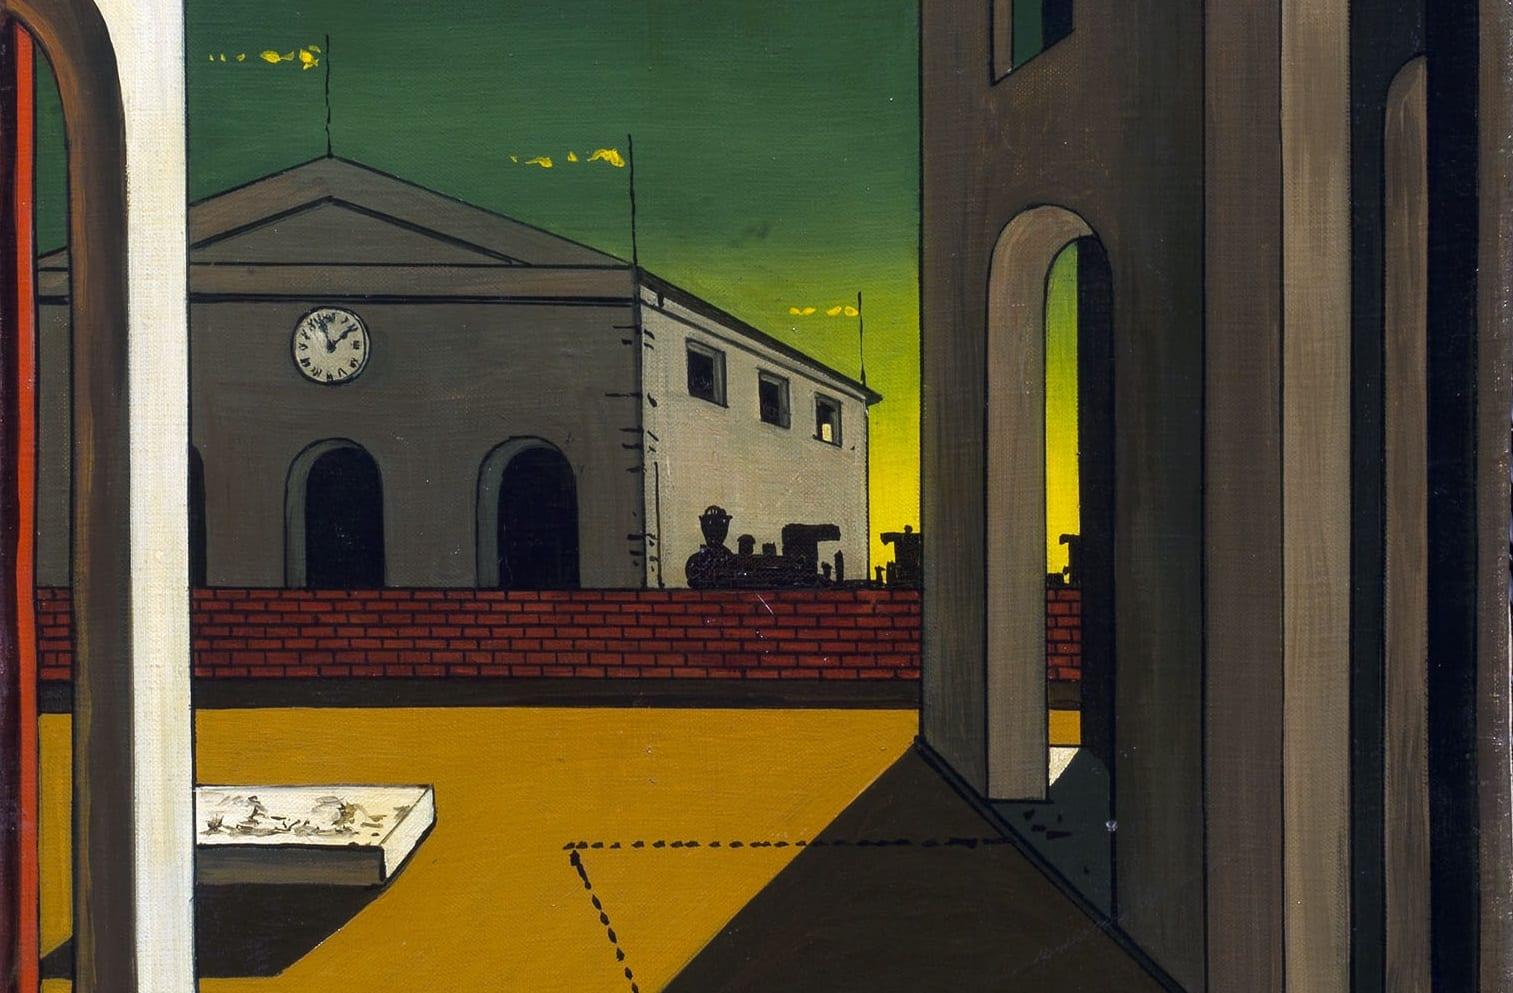 Estate con Giorgio de Chirico a Genova. Prorogata fino al 1 settembre la mostra di Palazzo Ducale